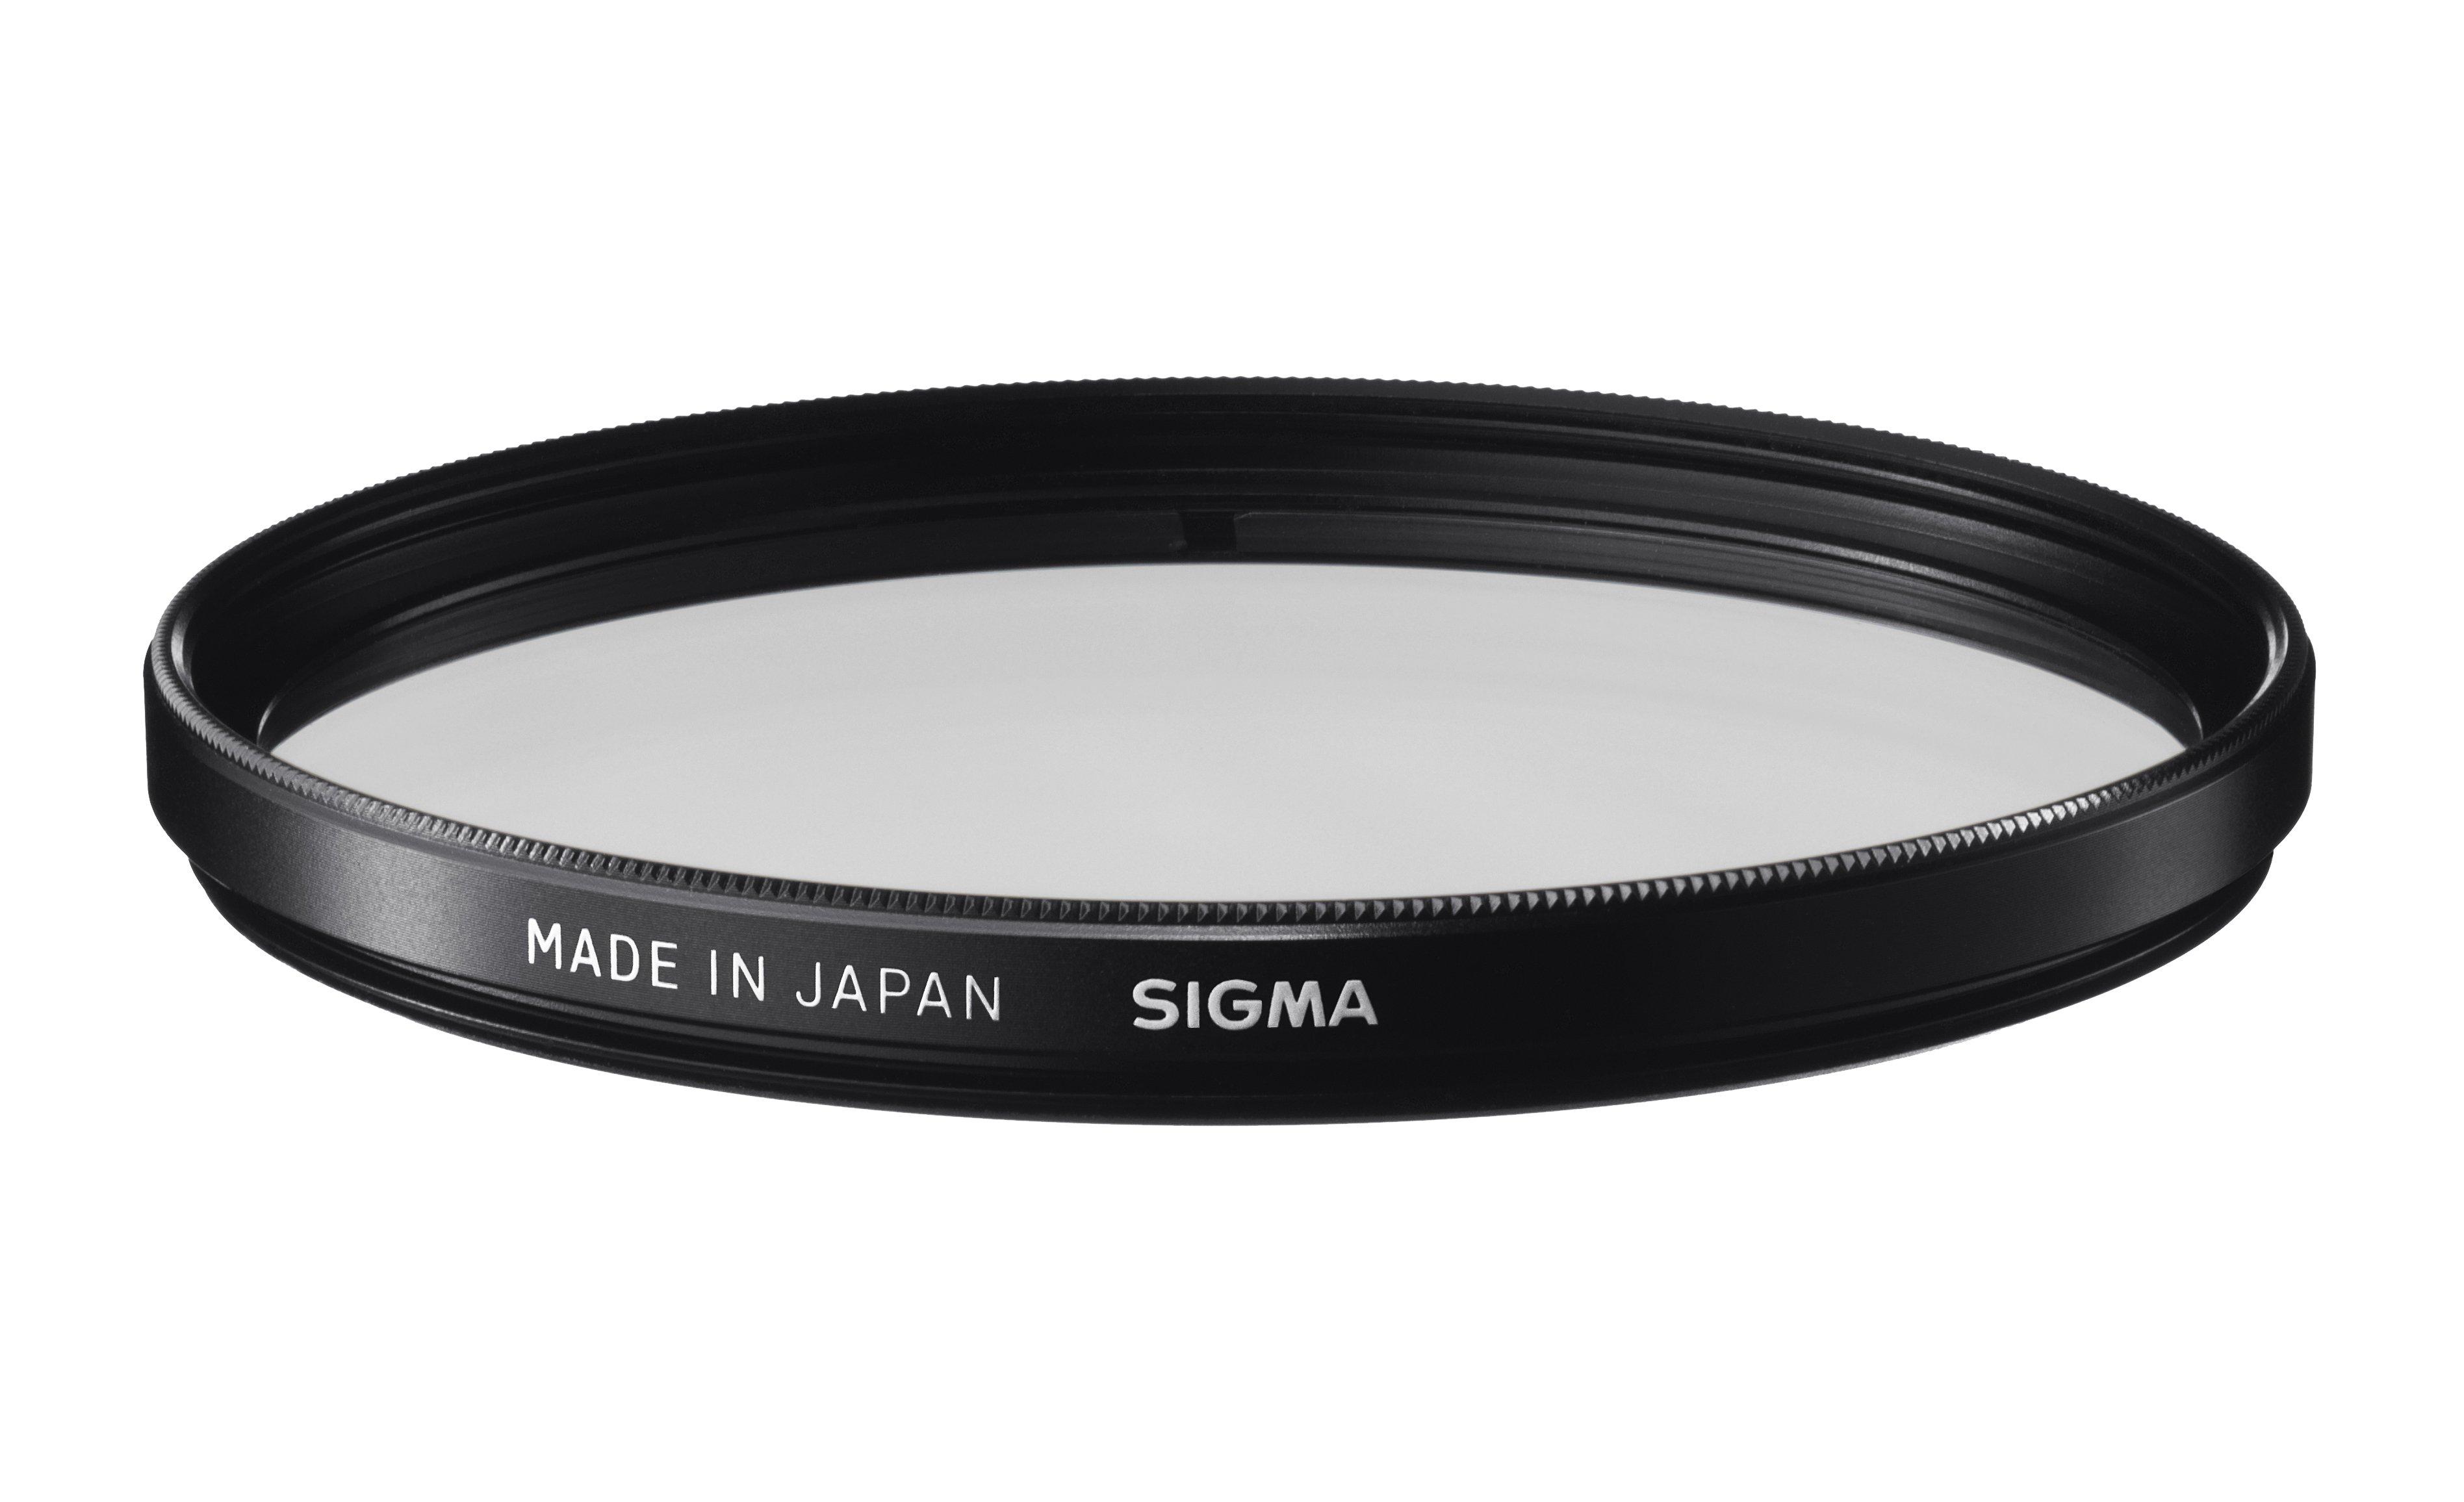 SIGMA filtr ochranný 58 mm WR